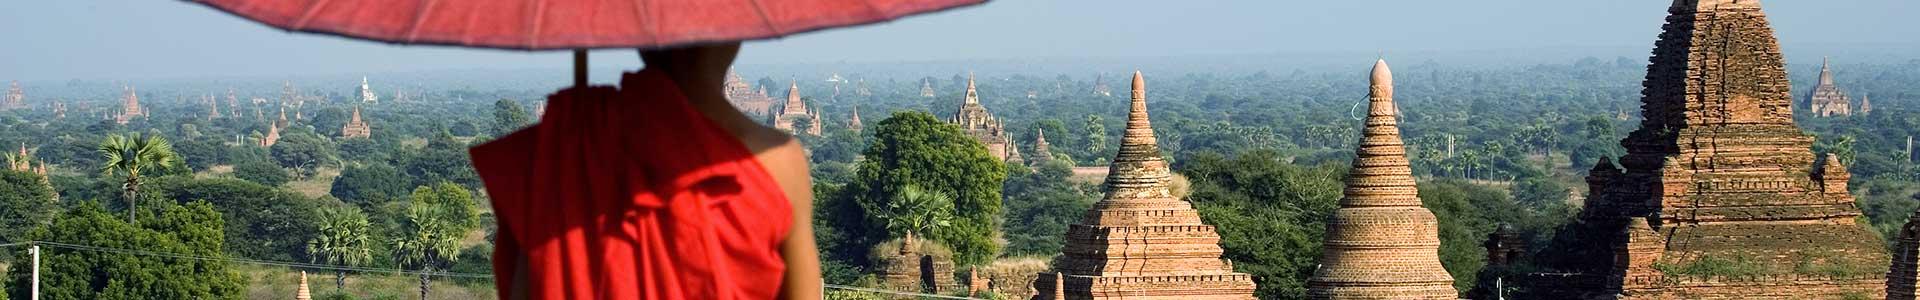 Voyage au Myanmar - TUI